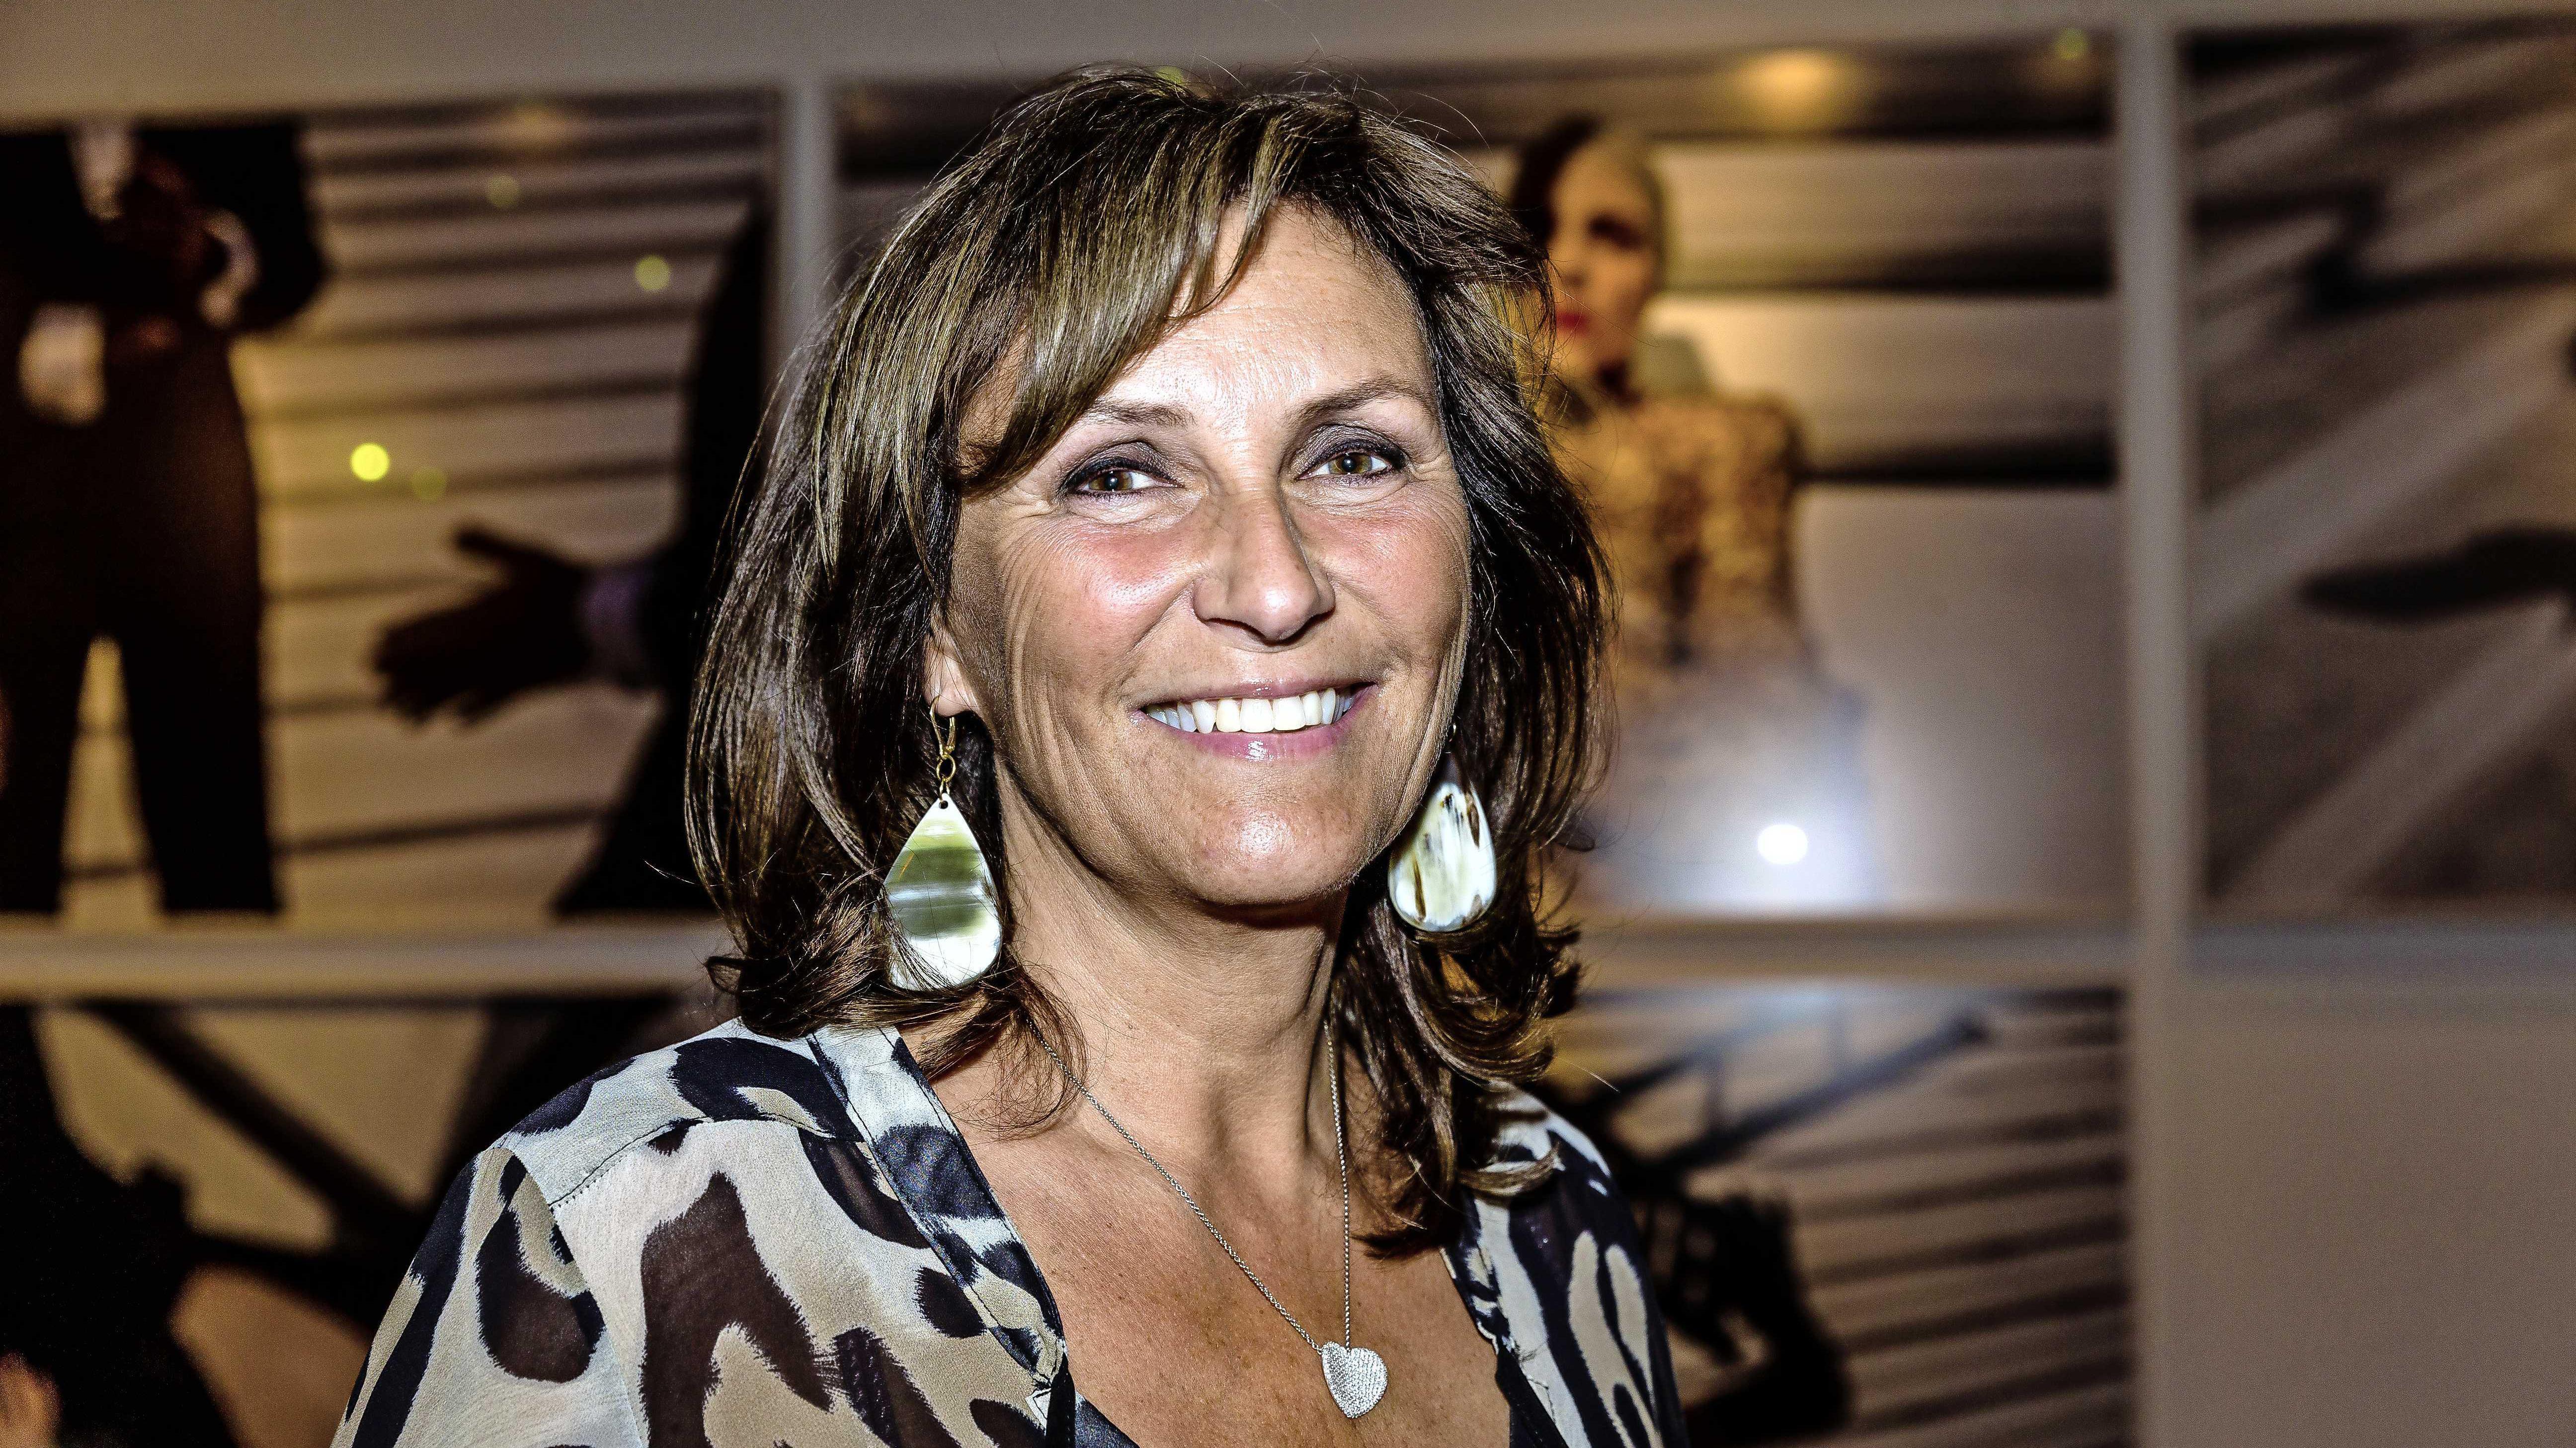 Astrid Joosten Is Weer Gelukkig In De Liefde Entertainment Telegraaf Nl